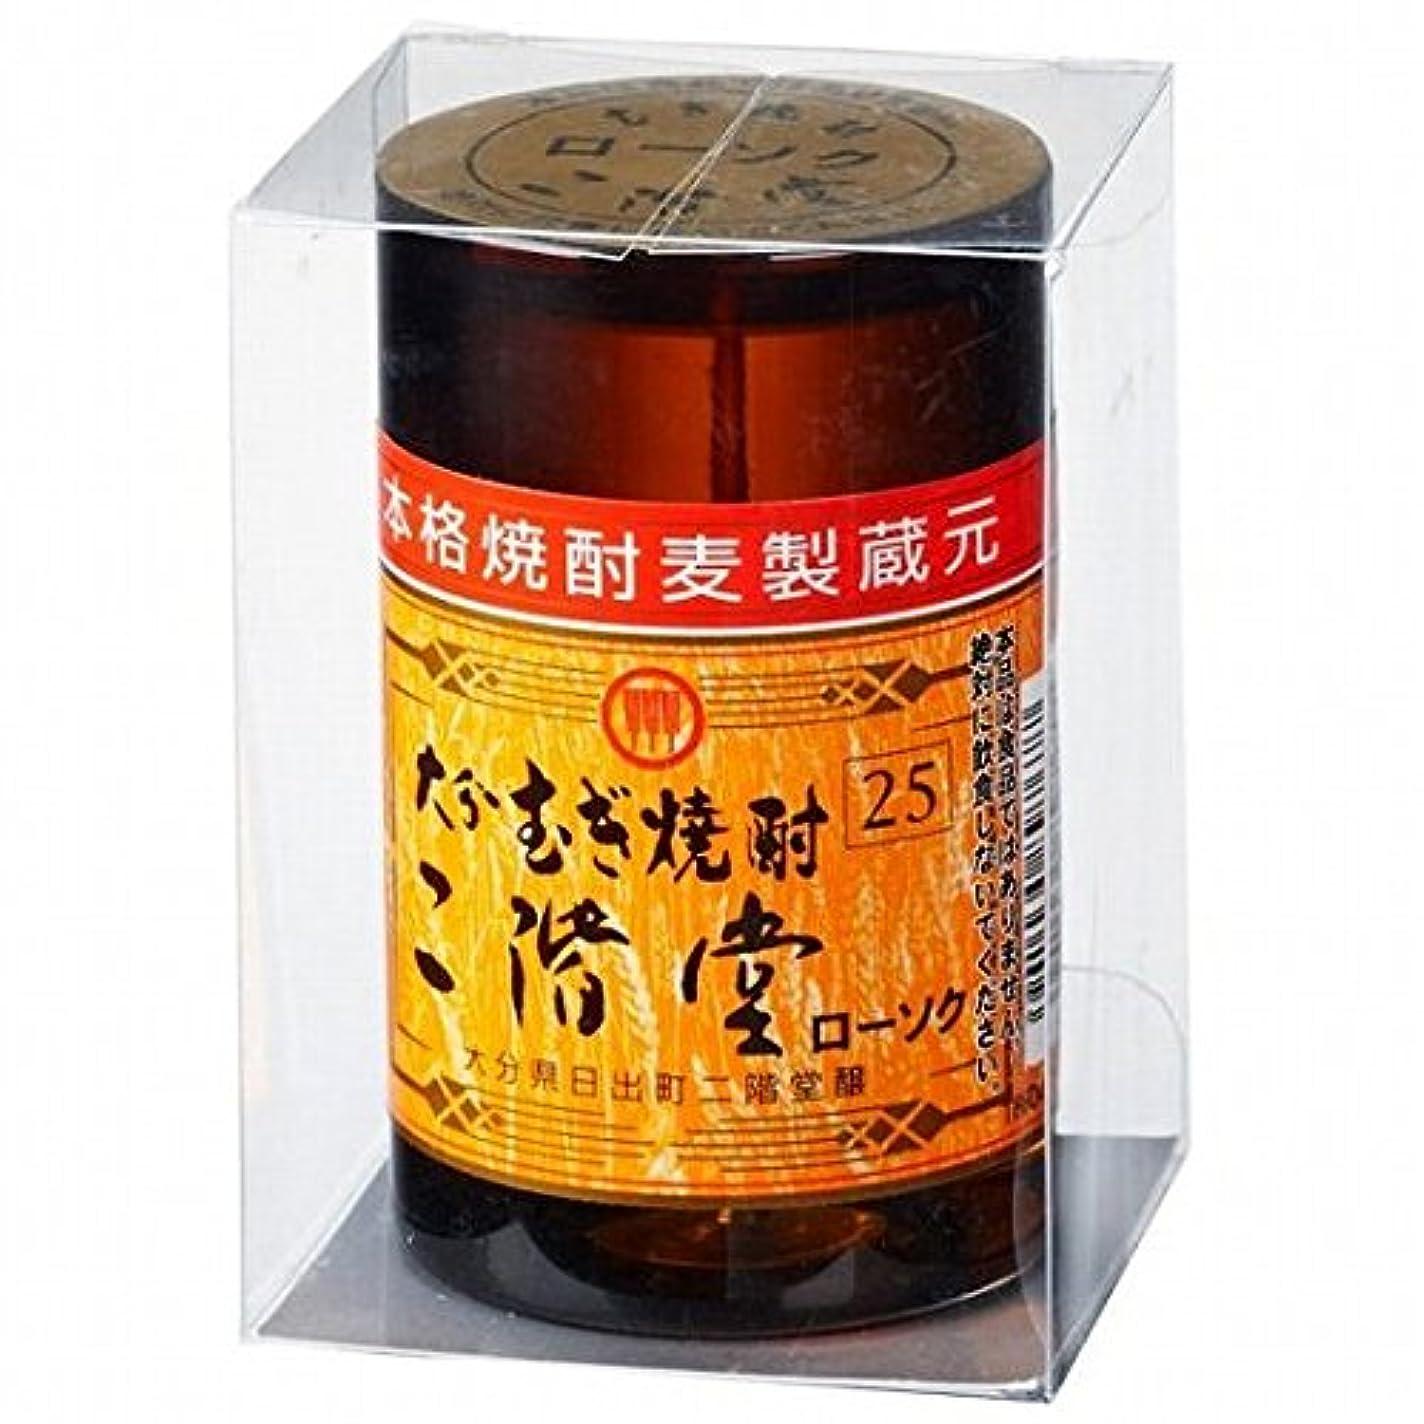 アンテナトレーダー使用法kameyama candle(カメヤマキャンドル) 大分むぎ焼酎 二階堂ローソク キャンドル(86040000)